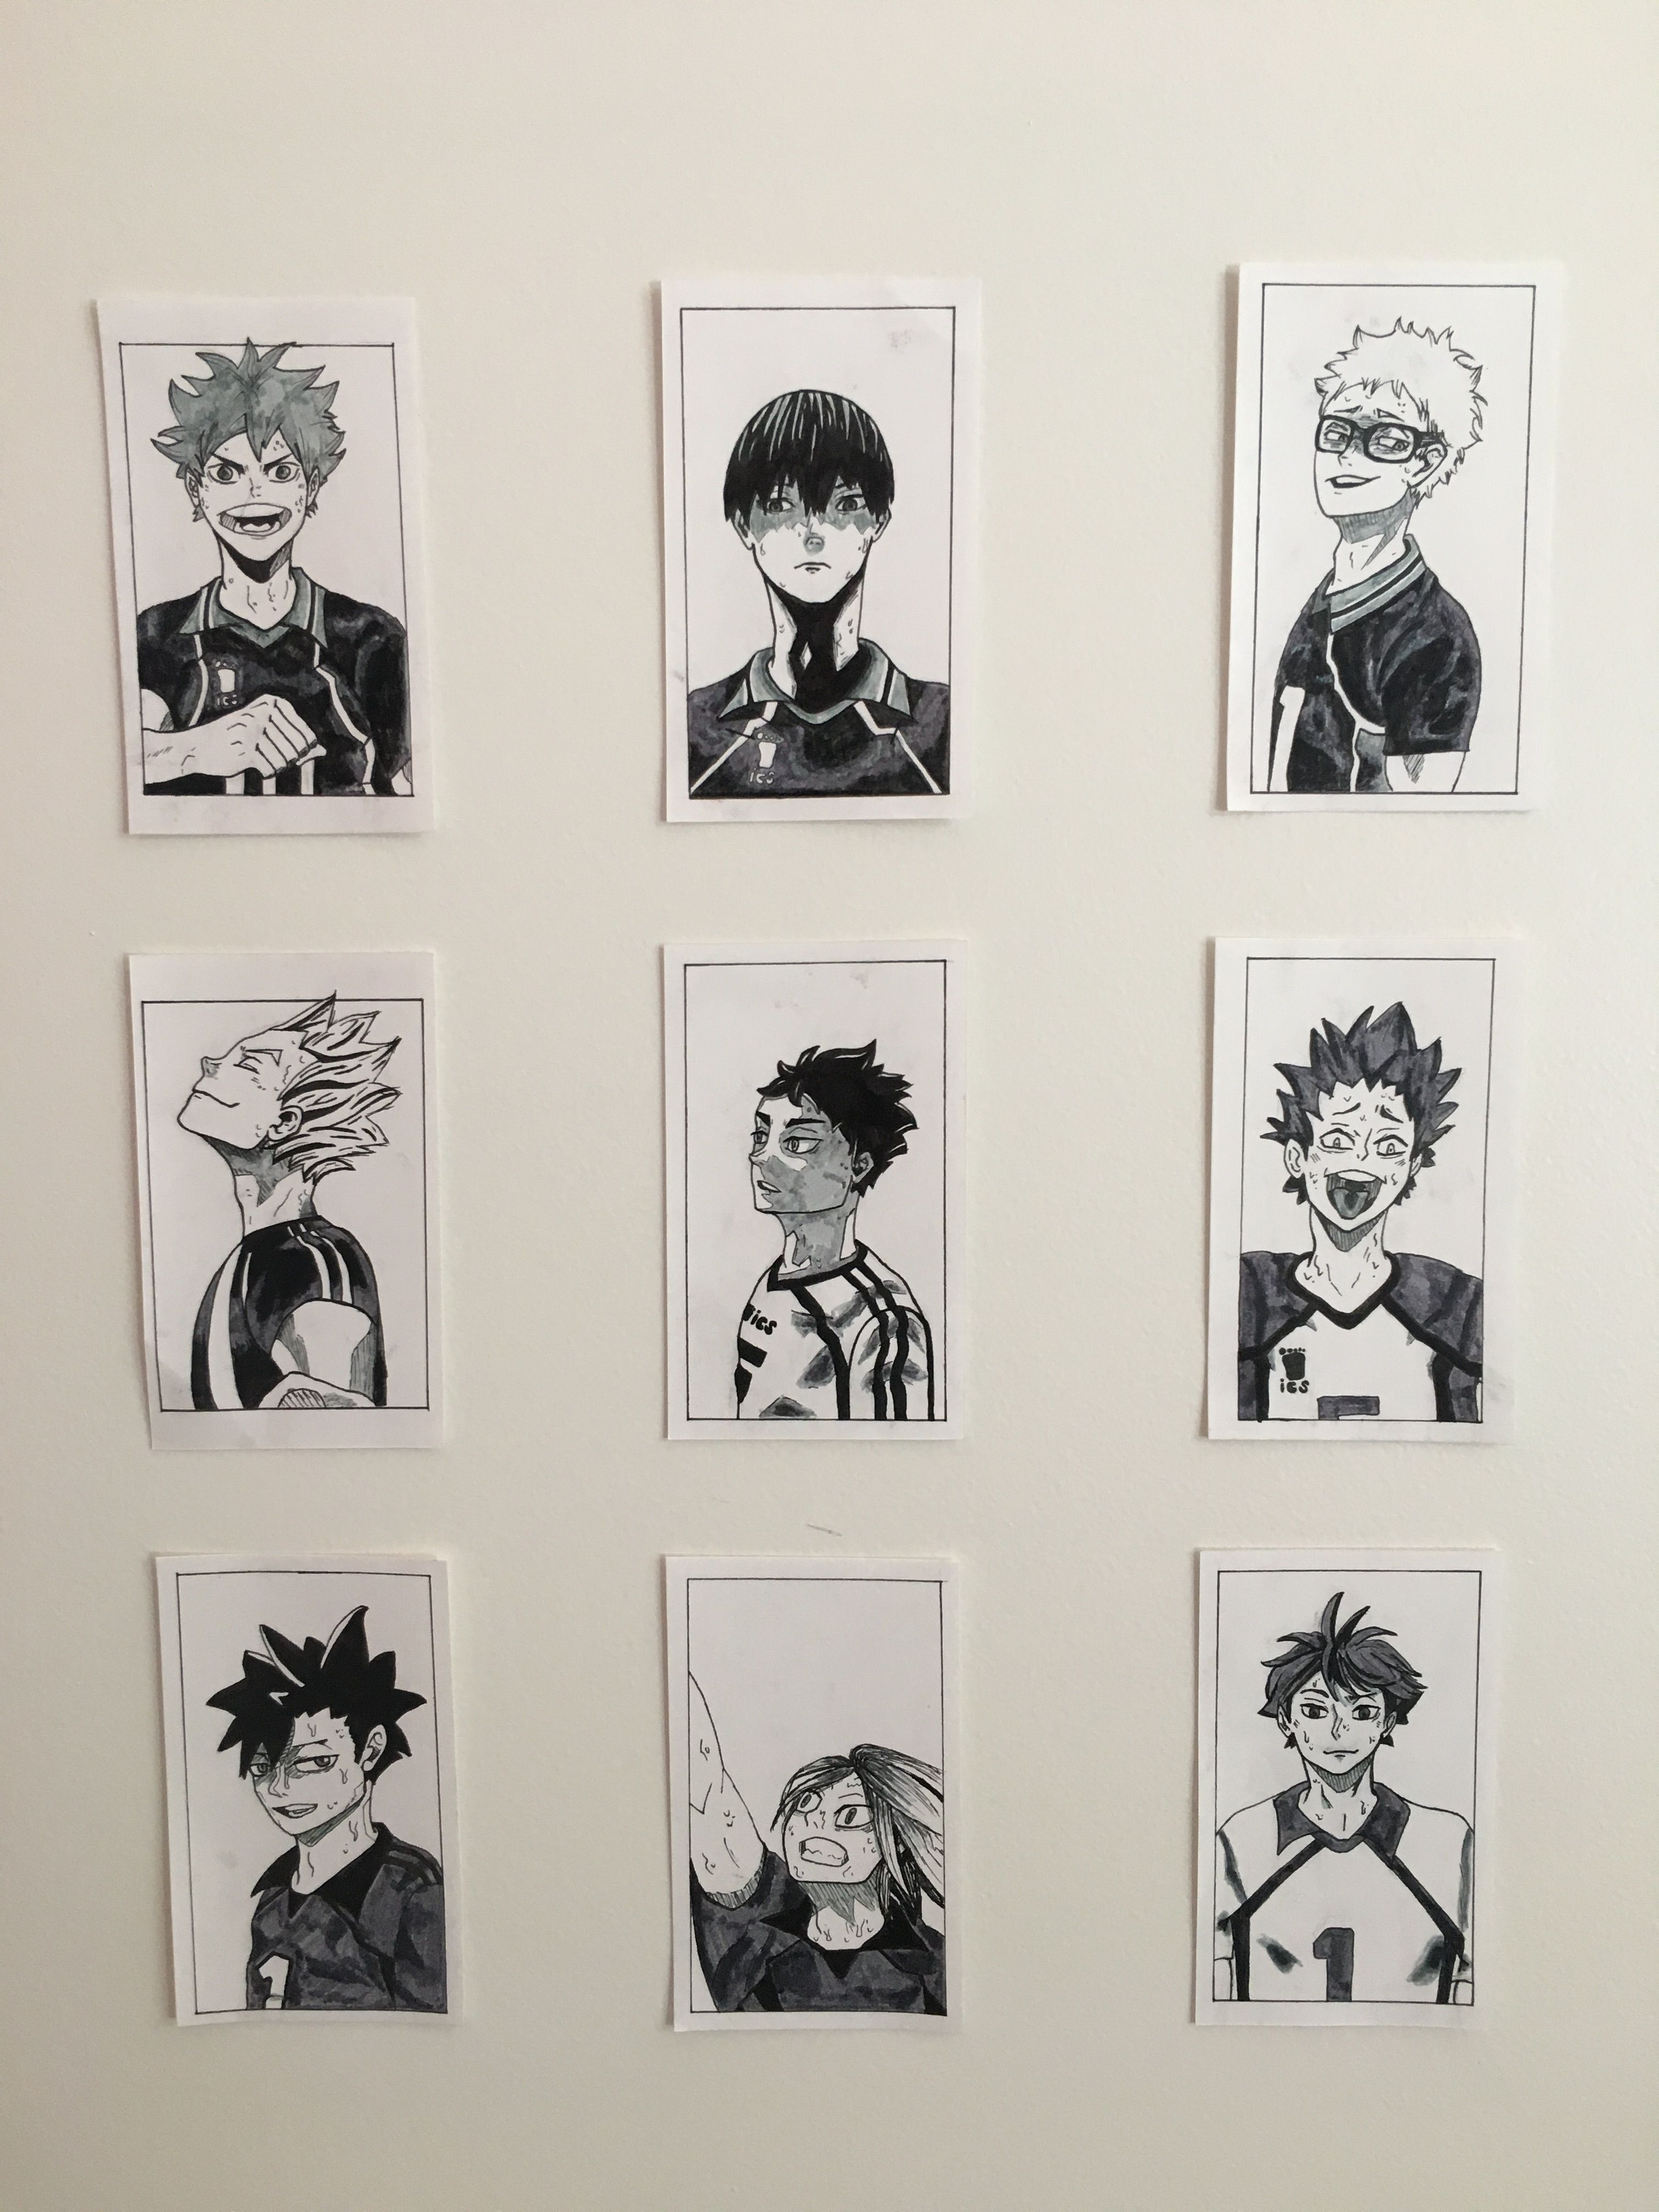 12+ Anime diy room decor ideas in 2021